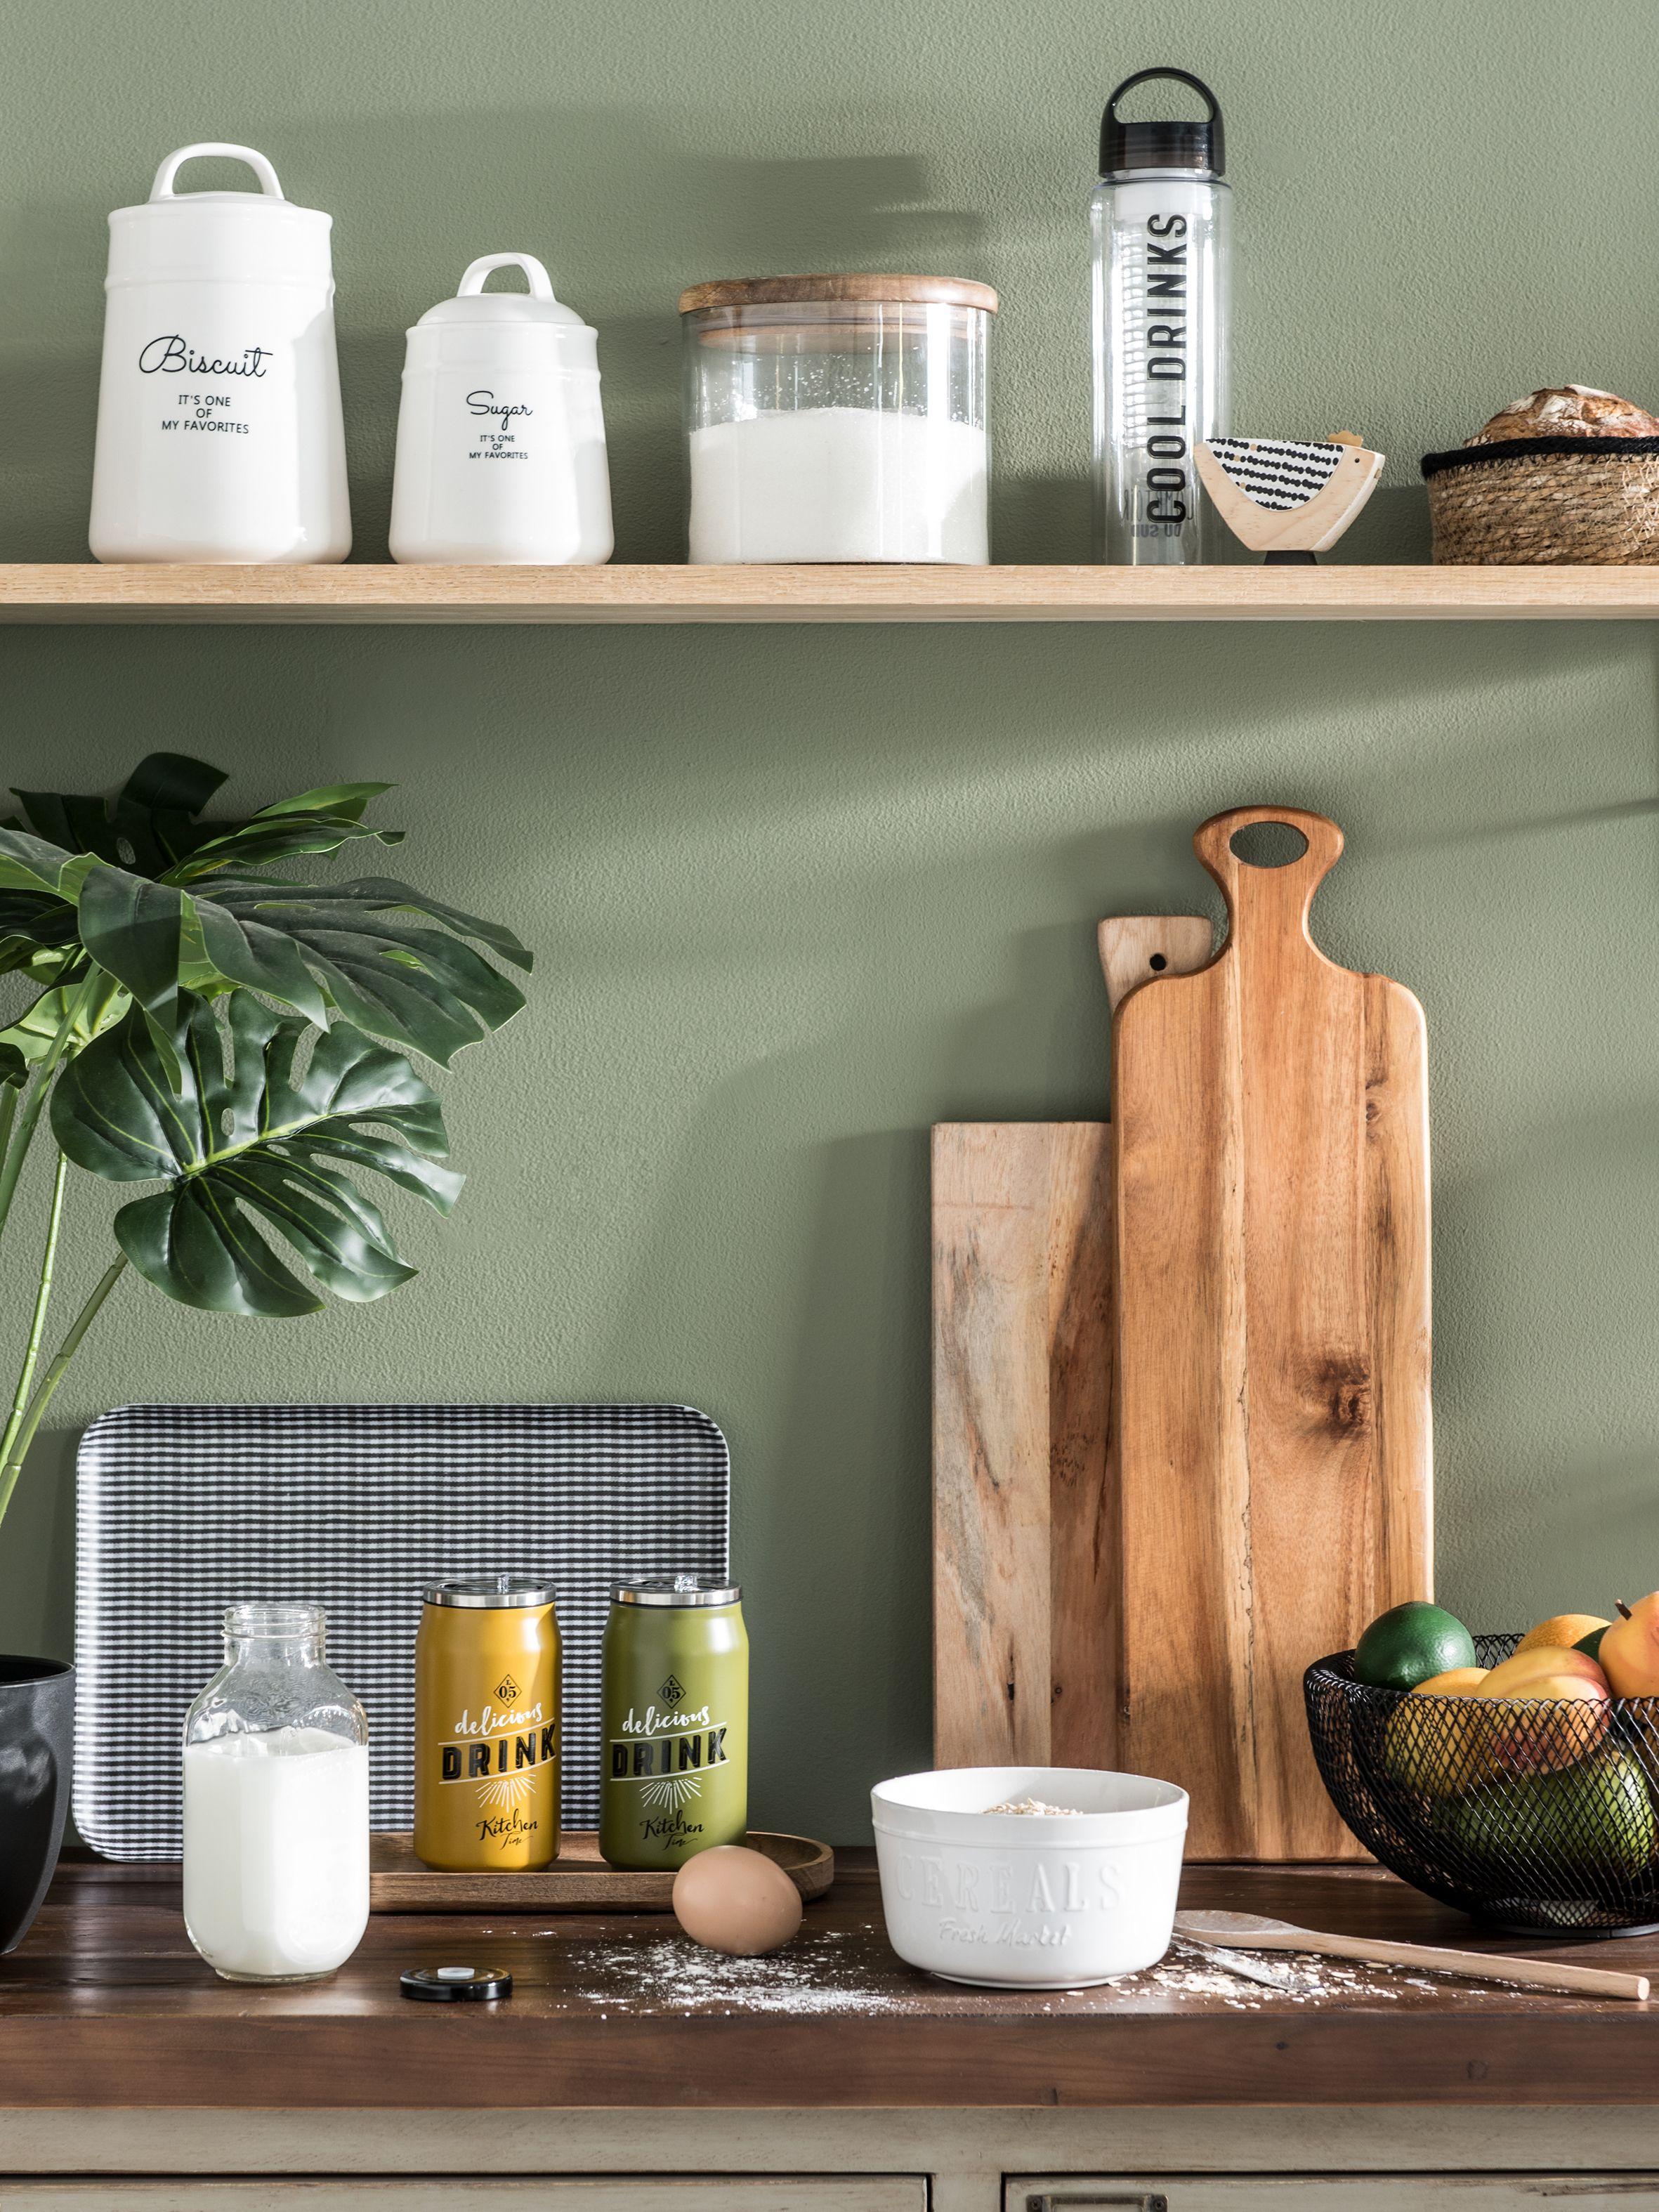 cuisine avec une décoration bucolique plante monstera feuilles mur